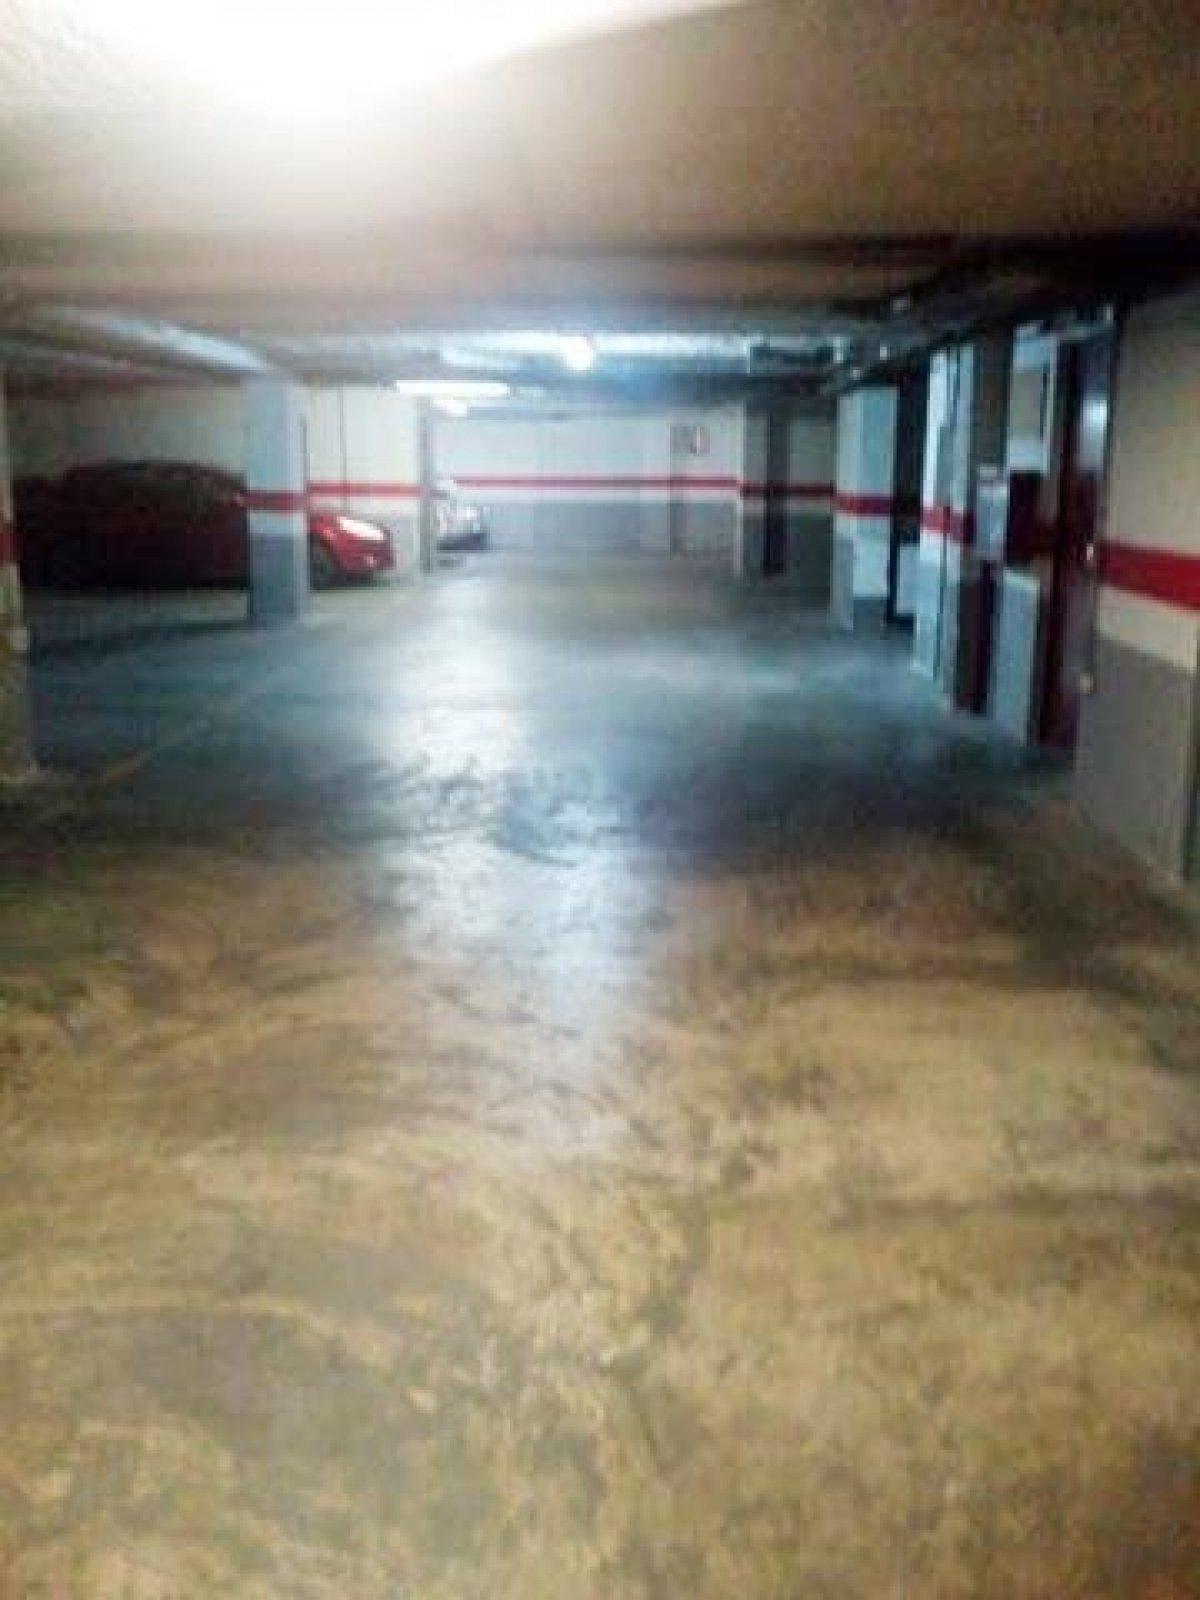 Lloguer Aparcament cotxe  Mislata ,distrito la constitucion-canaleta. Plaza de garaje en calle  virgen de los desamparados